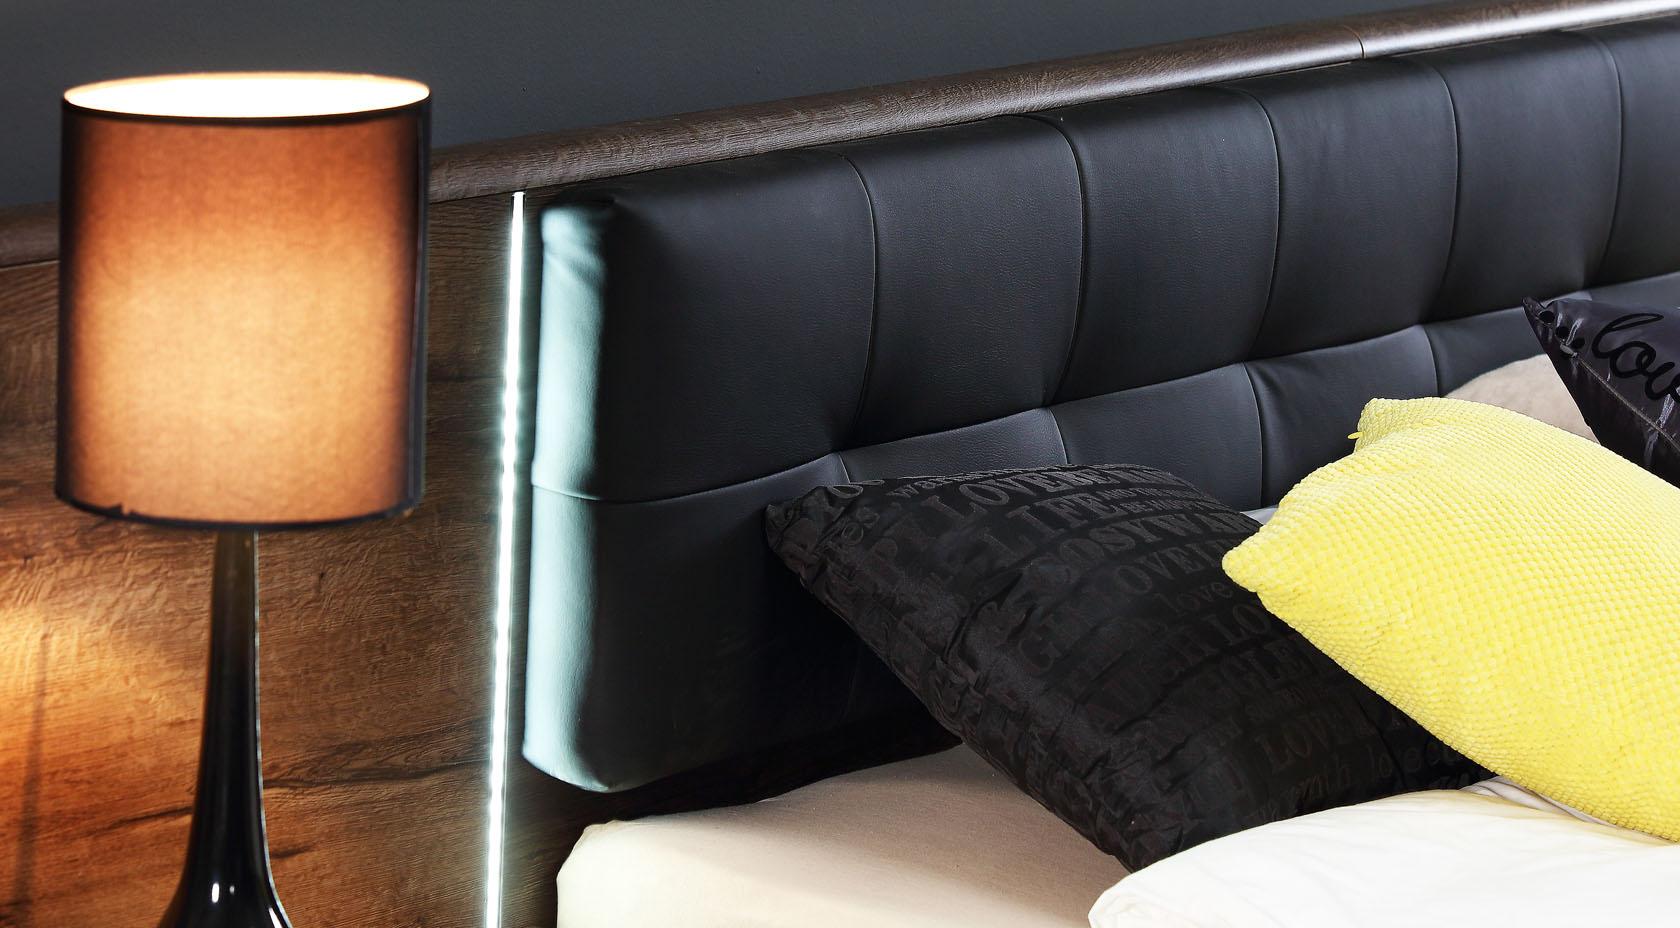 Meble systemowe do sypialni Bellevue marki Forte szczegóły